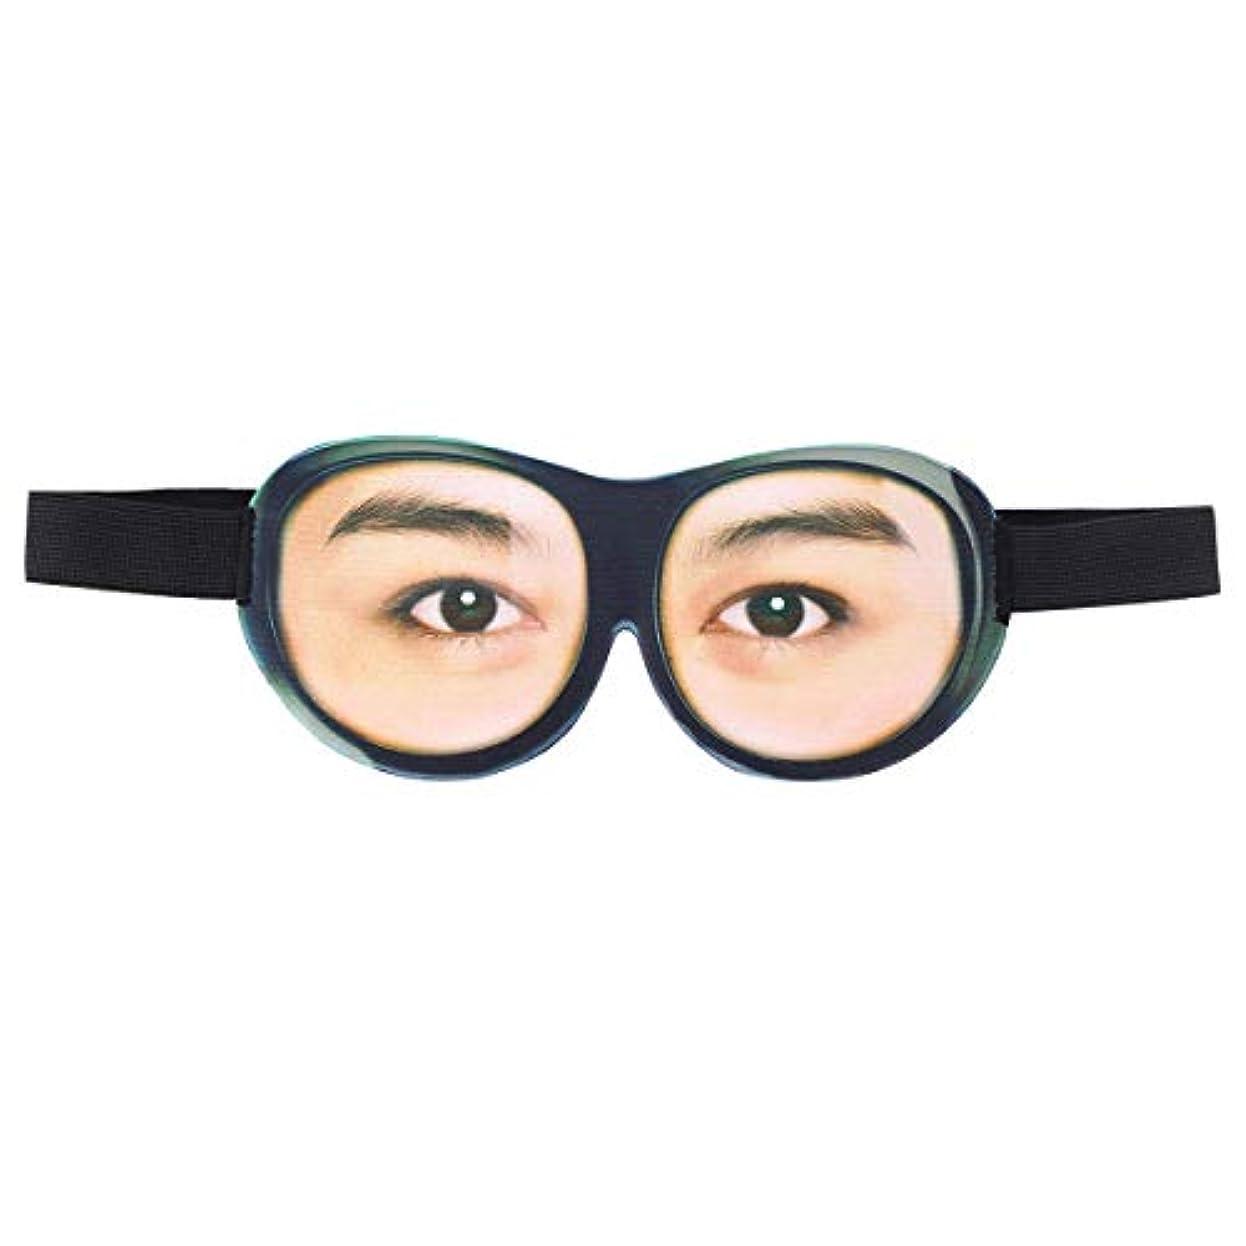 立証する長さ神聖Healifty 3D面白いアイシェード睡眠マスク旅行アイマスク目隠し睡眠ヘルパーアイシェード男性女性旅行昼寝と深い眠り(優しいふりをする)